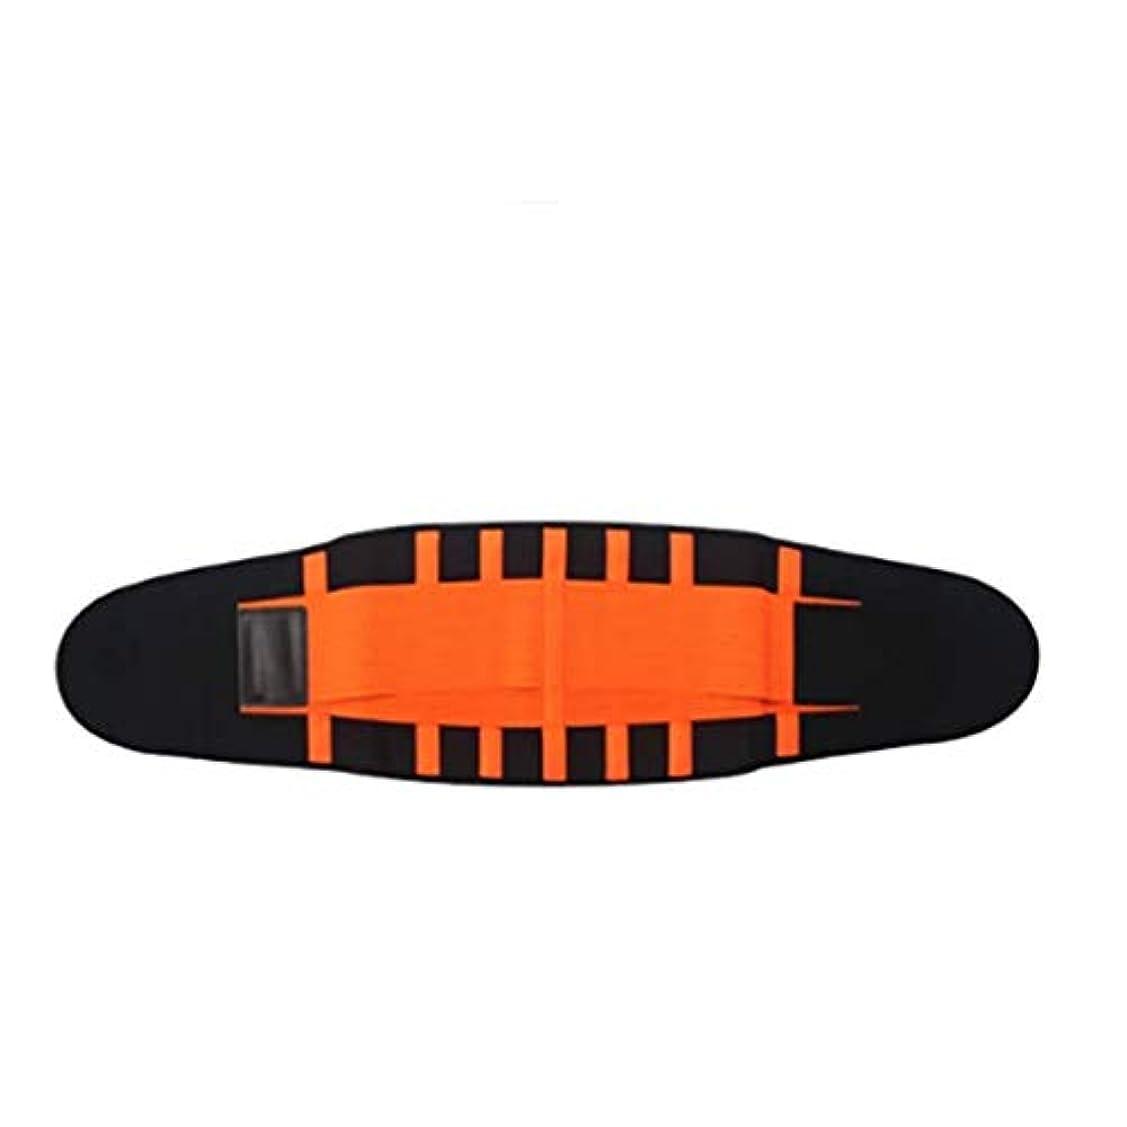 メーカー素晴らしい良い多くのバンクフィットネスベルト、ウエストベルト、椎間板腰椎筋肉の緊張、コールド、腹部暖かいウエスト、ウエストの保護、腹部ベルト、産後/スポーツ/フィットネス (Size : XL)